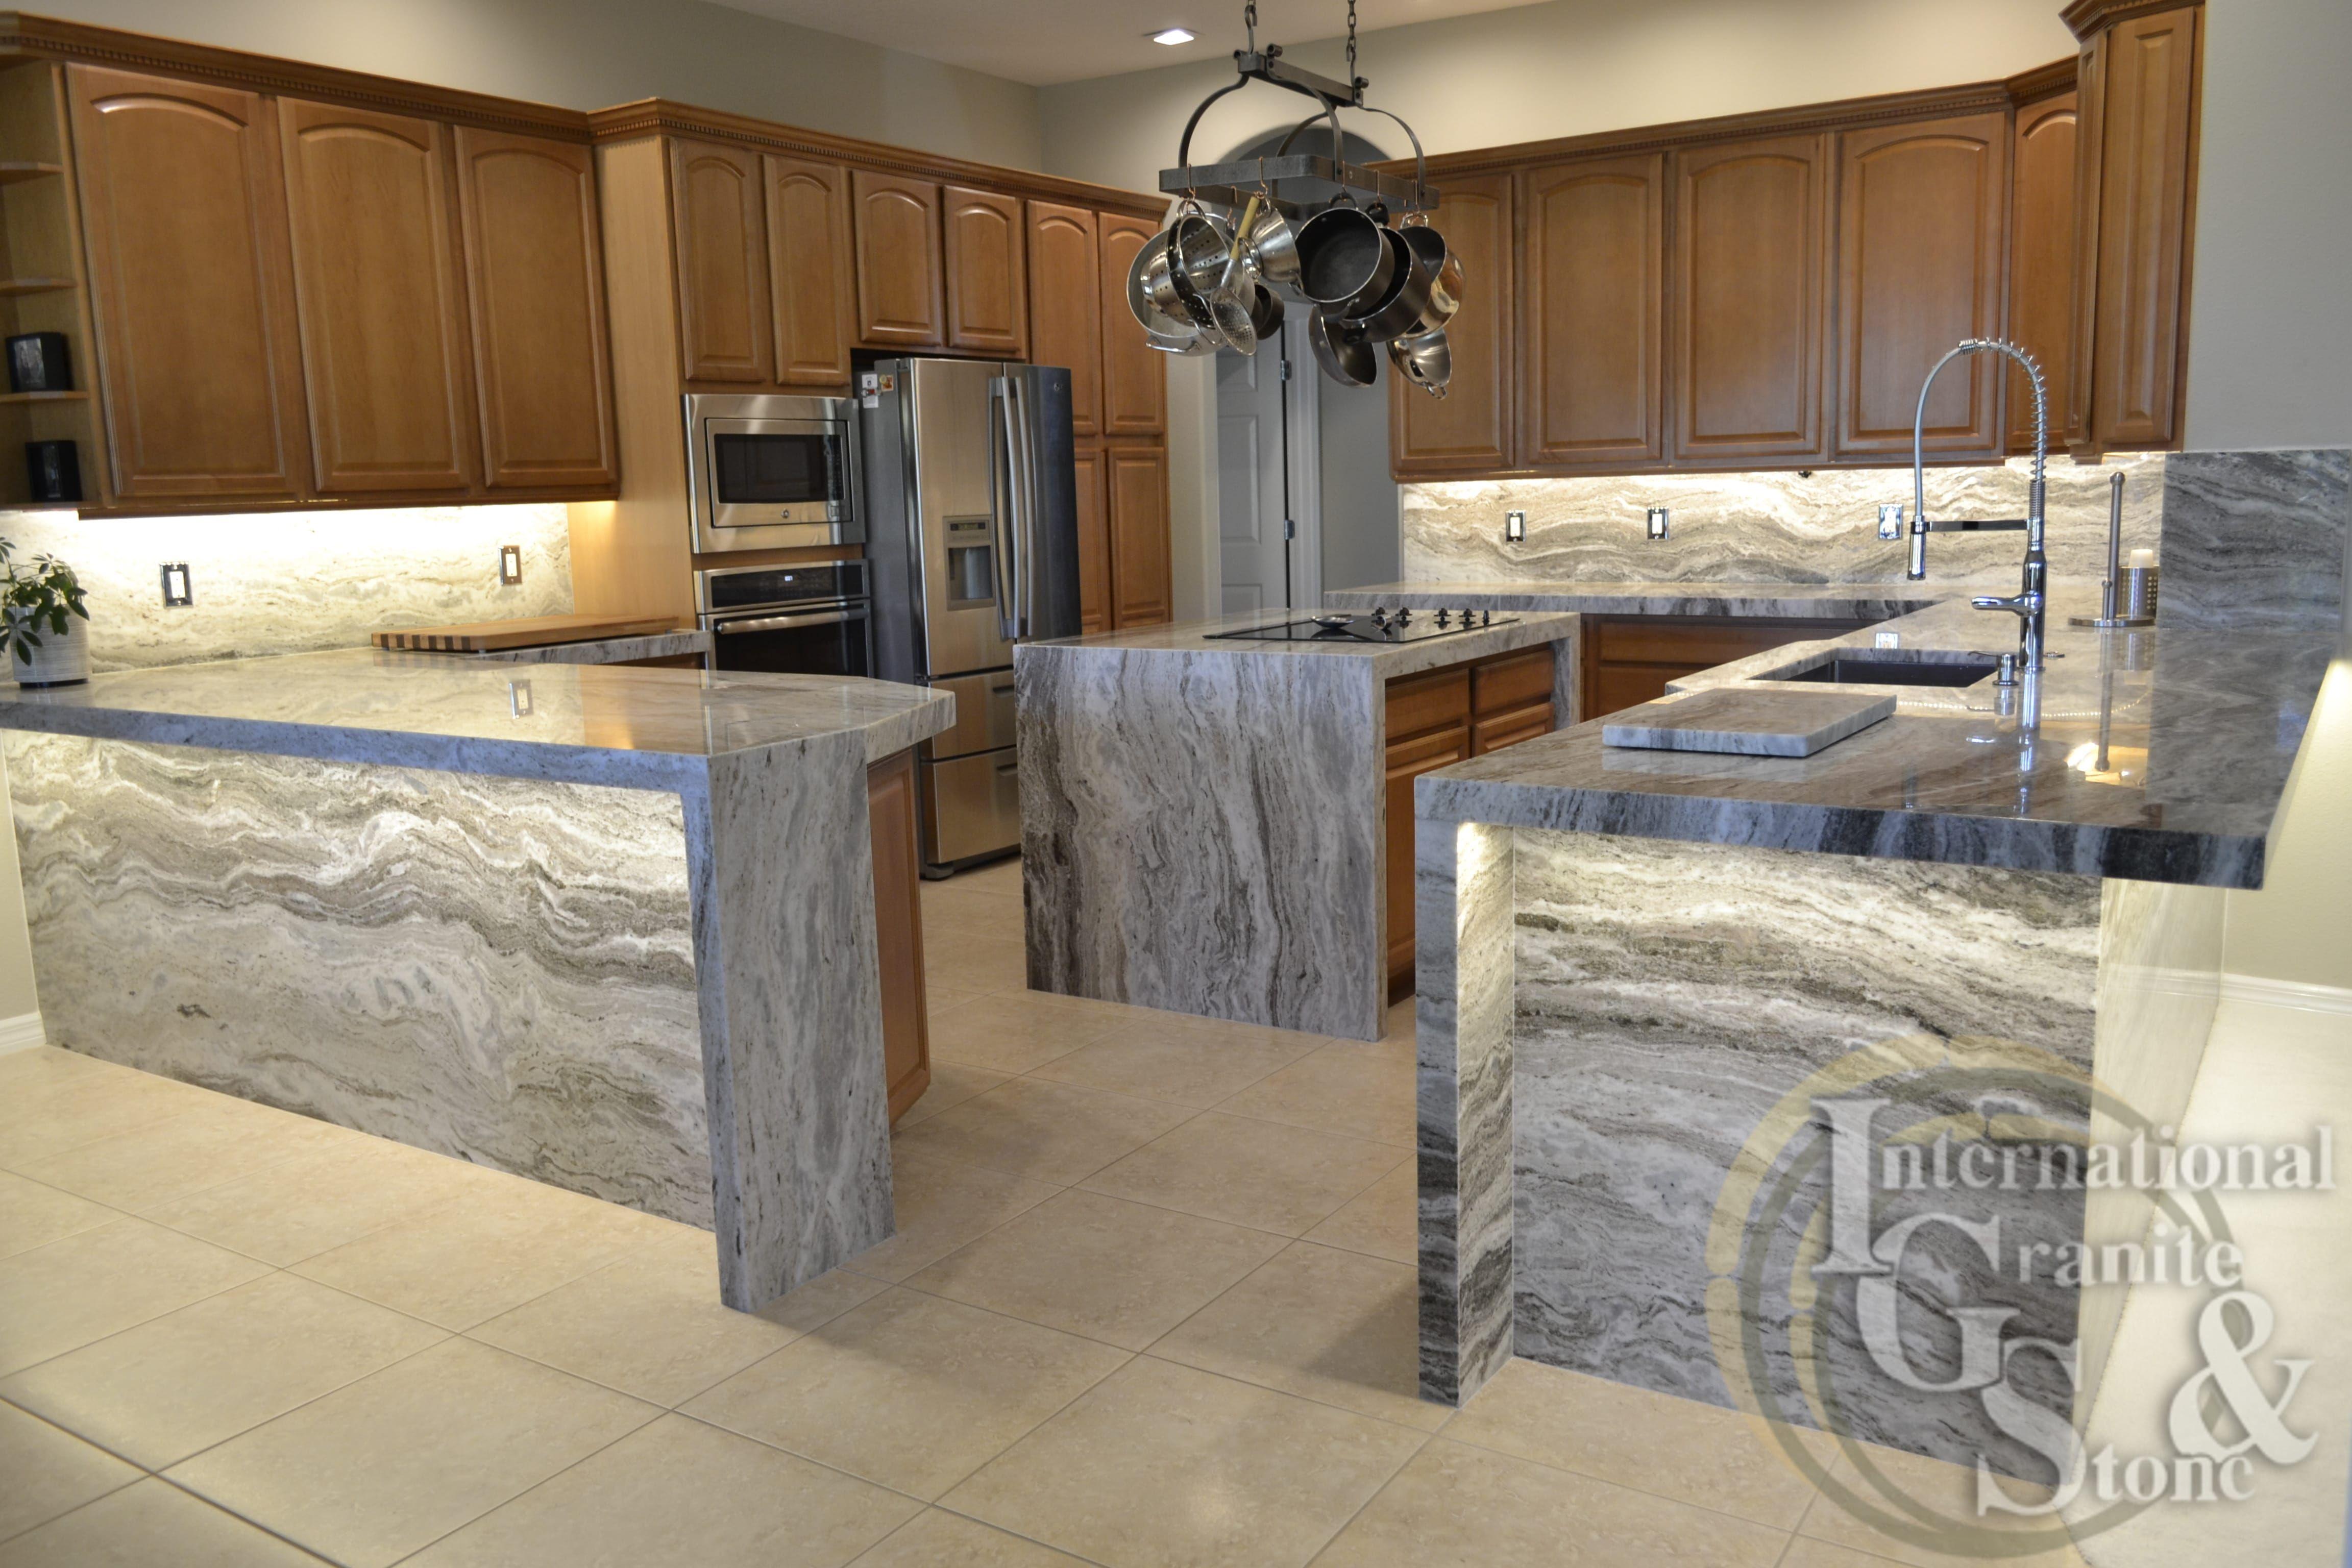 Granite Countertops Spring Hill Countertops Stone Countertops Kitchen Black Marble Countertops